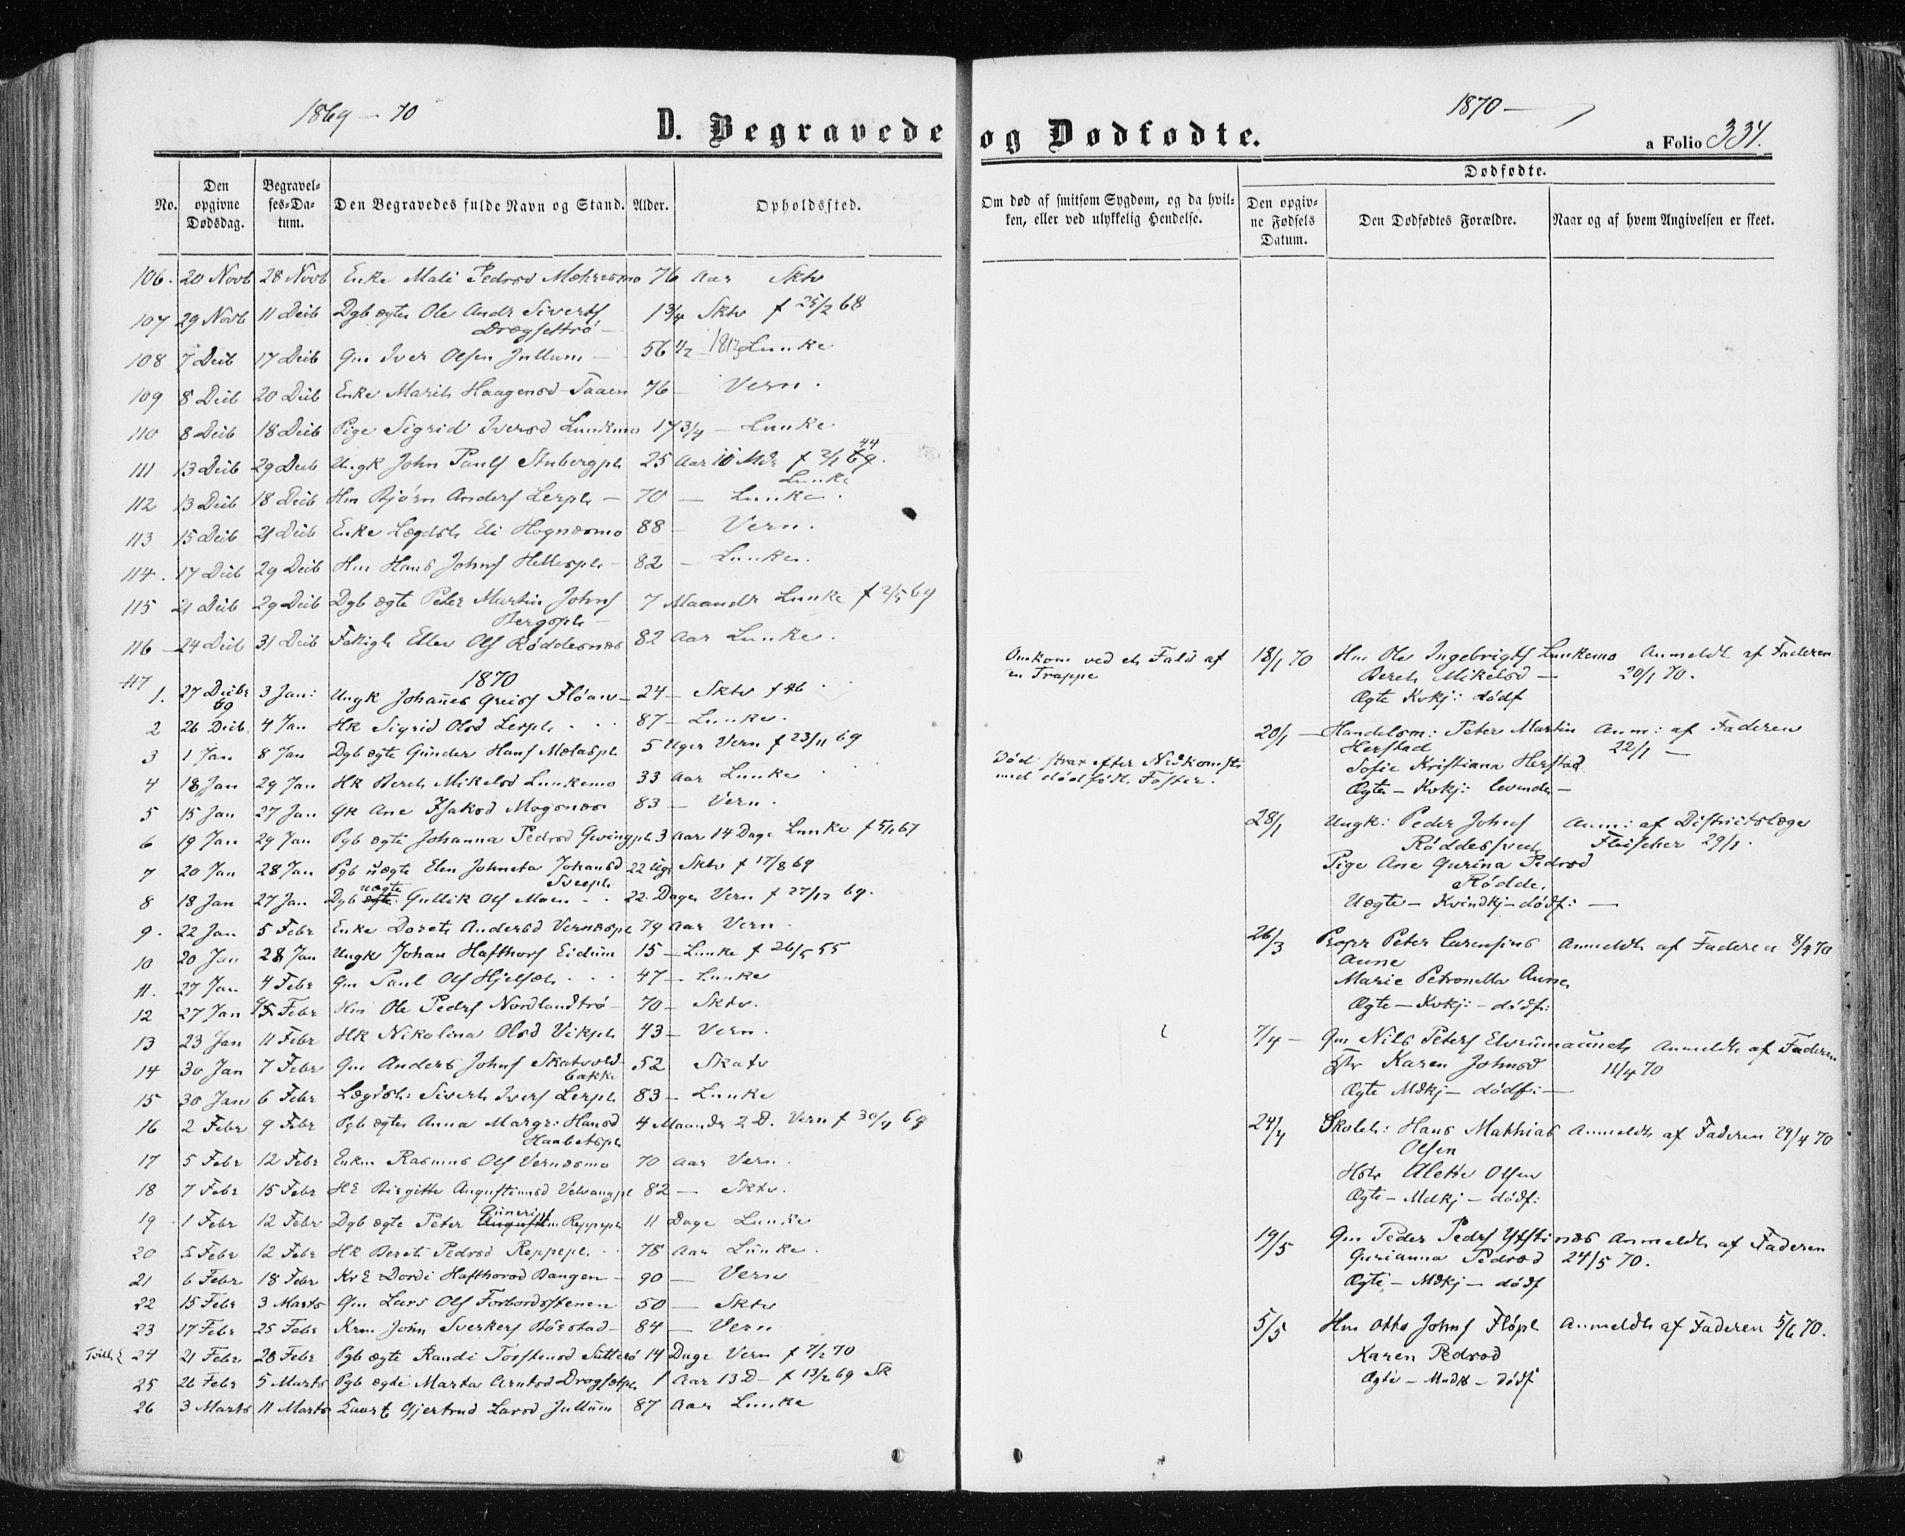 SAT, Ministerialprotokoller, klokkerbøker og fødselsregistre - Nord-Trøndelag, 709/L0075: Ministerialbok nr. 709A15, 1859-1870, s. 334